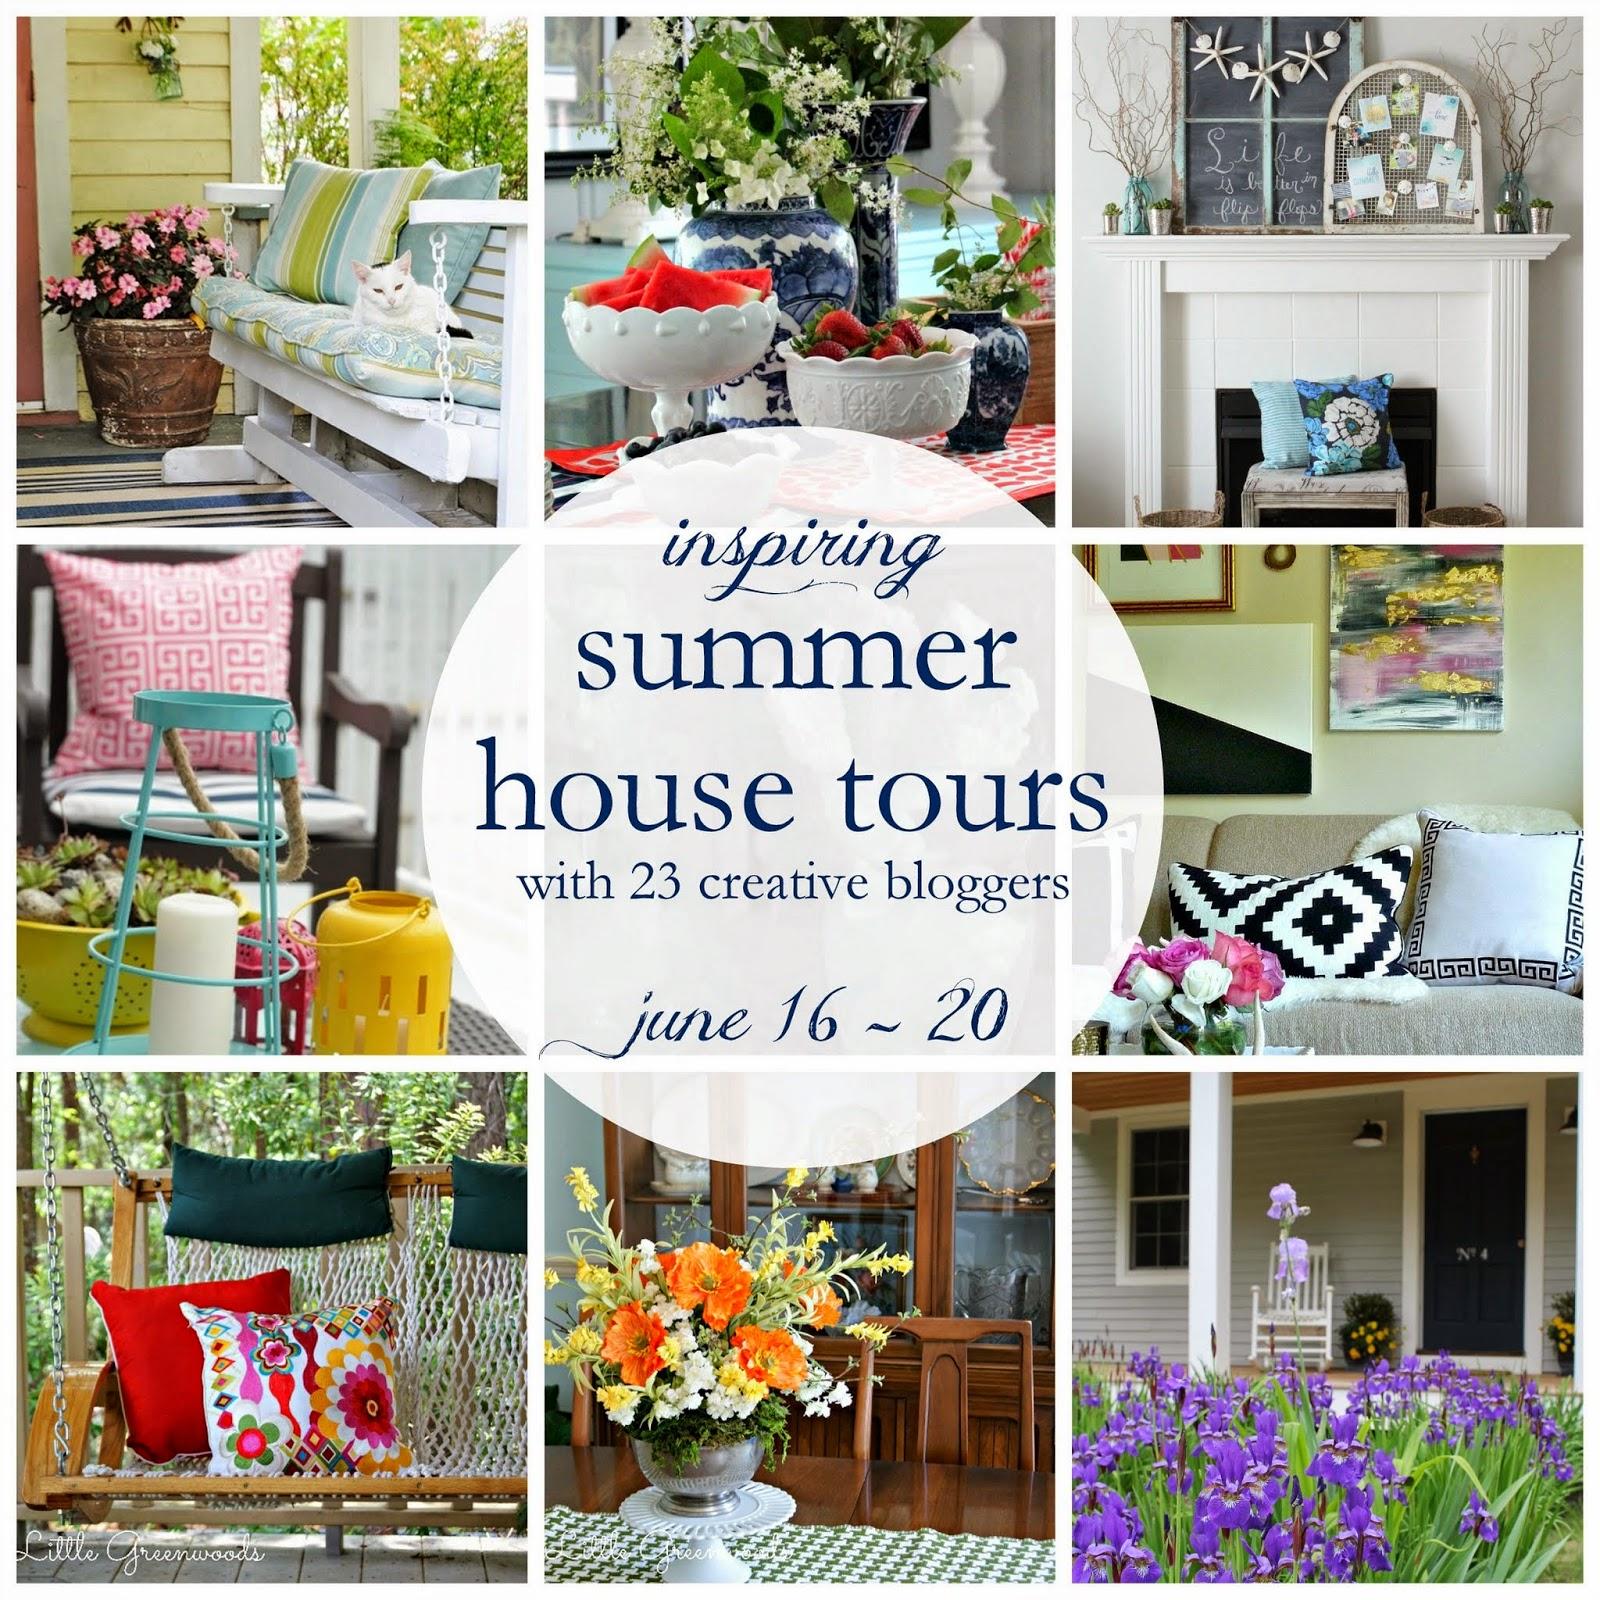 Summer house tour via somuchbetterwithage.com